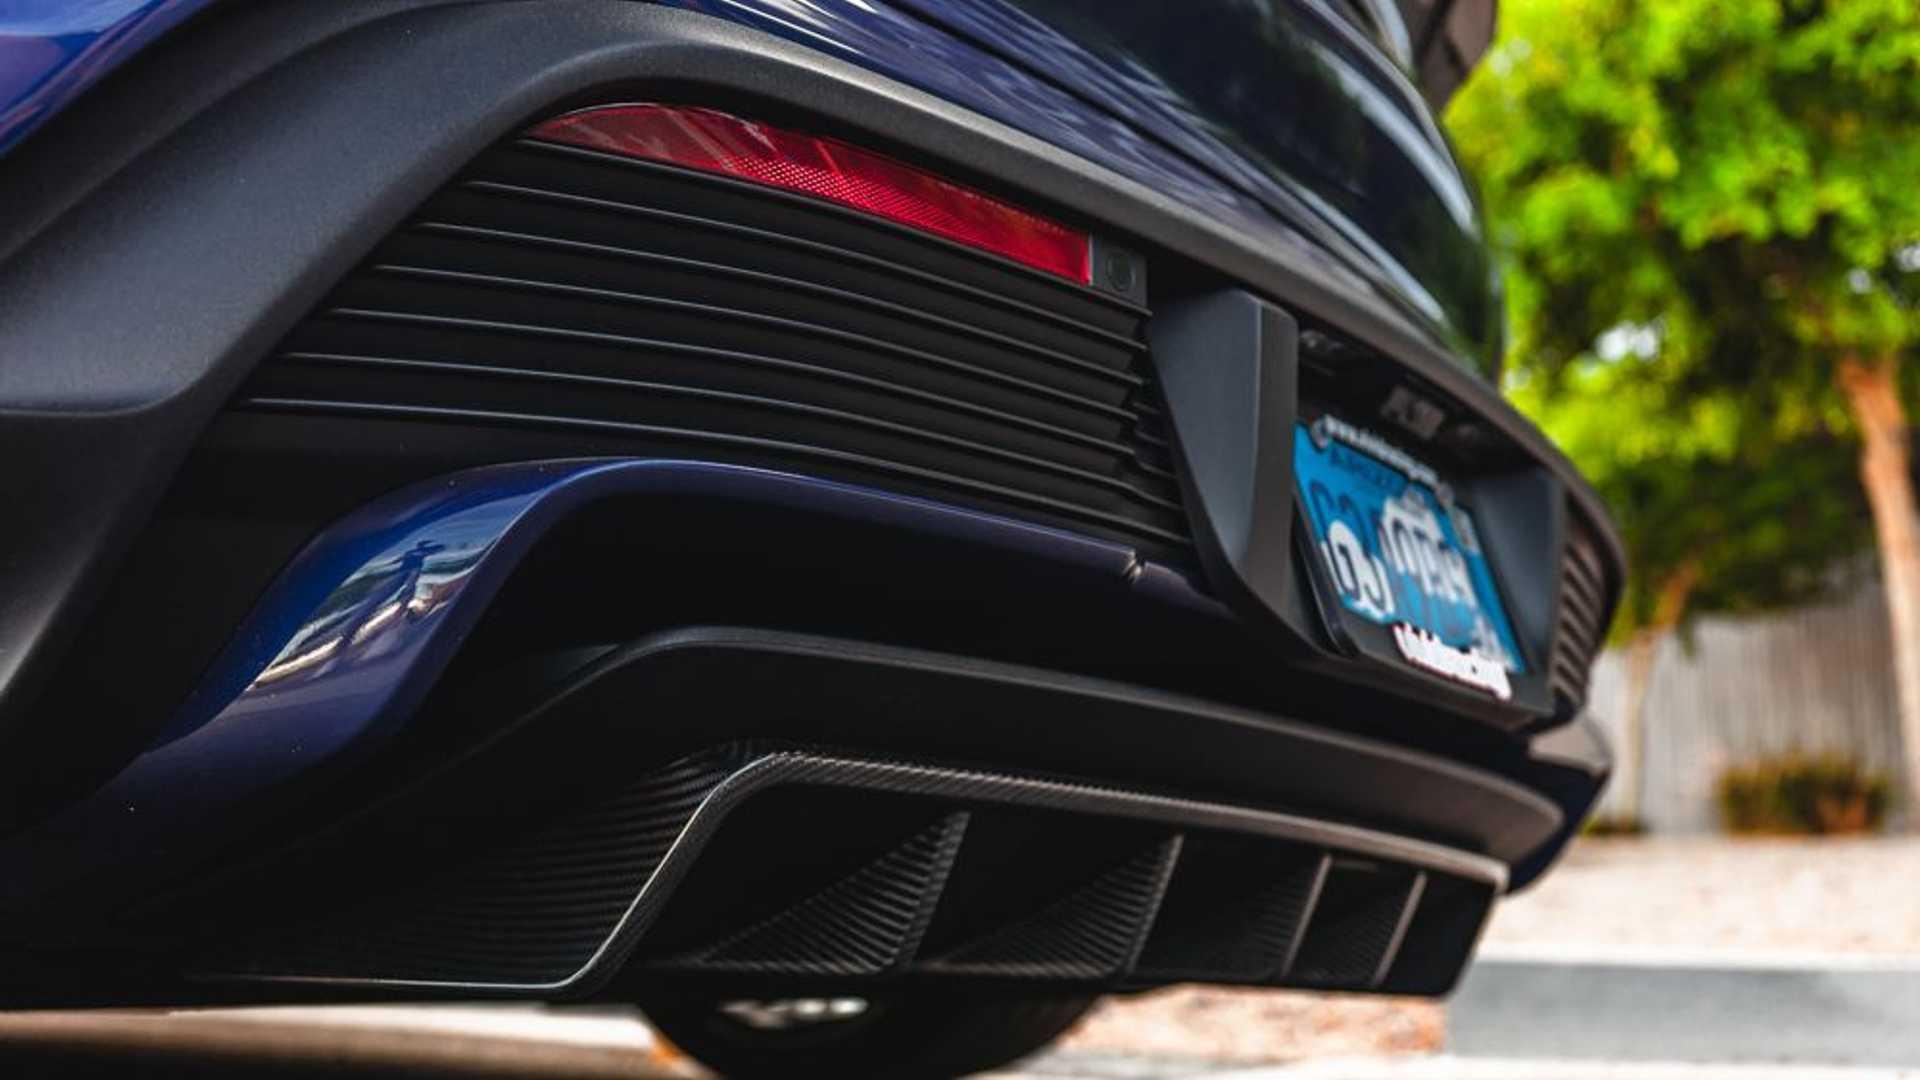 Porsche-Taycan-by-Vivid-Racing-46